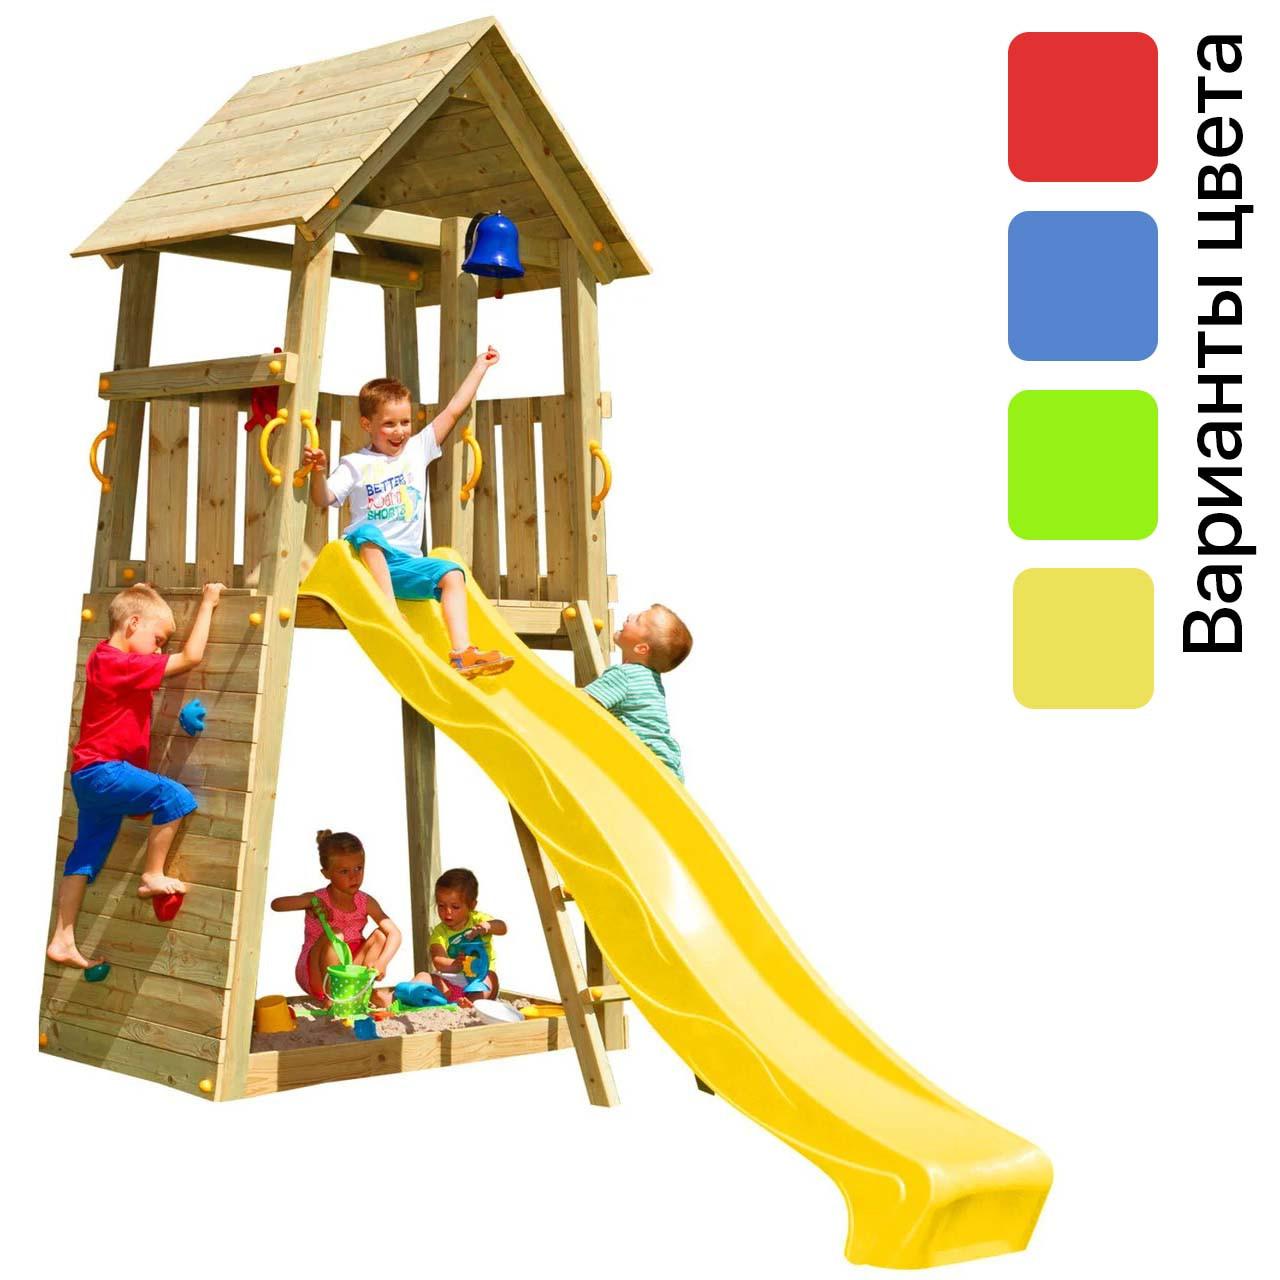 Детская игровая площадка KBT Blue Rabbit BELVEDERE (дитячий ігровий майданчик)